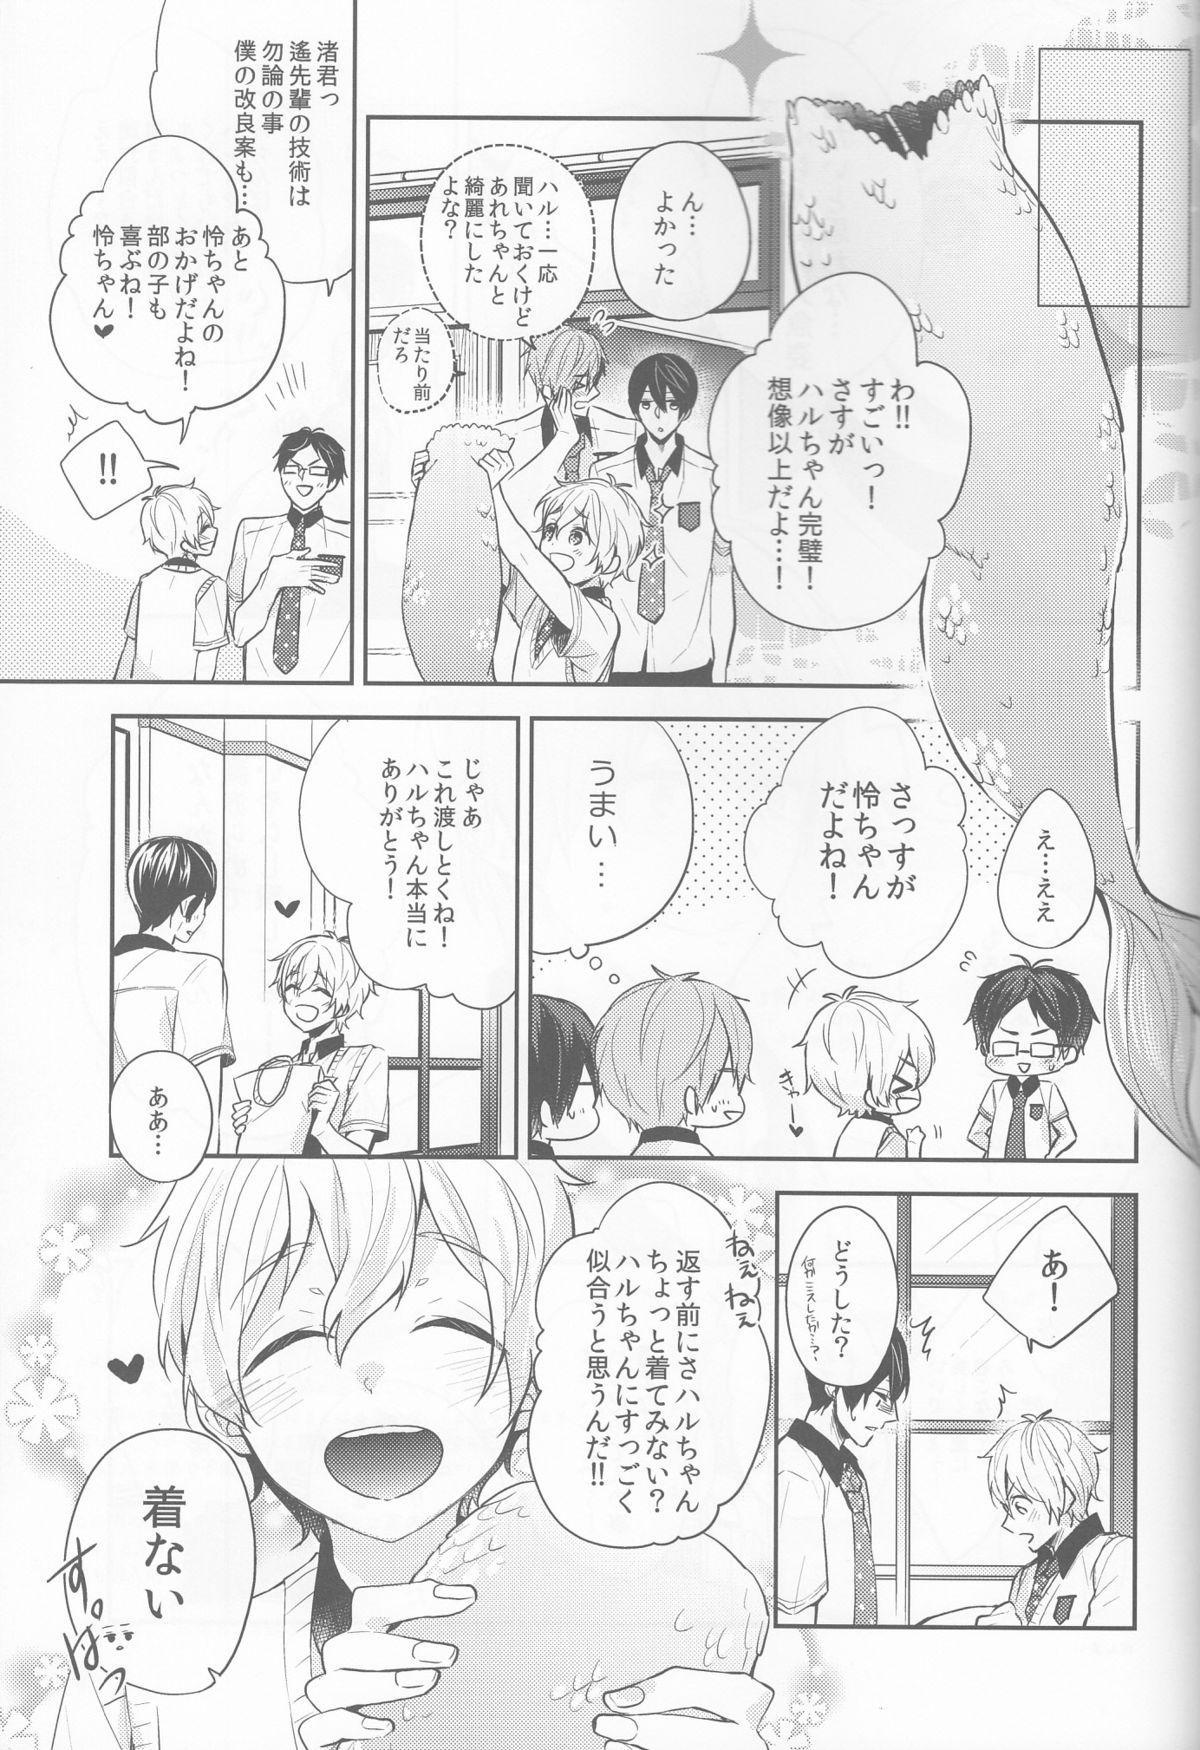 Manatsu no hakuchuumu 25